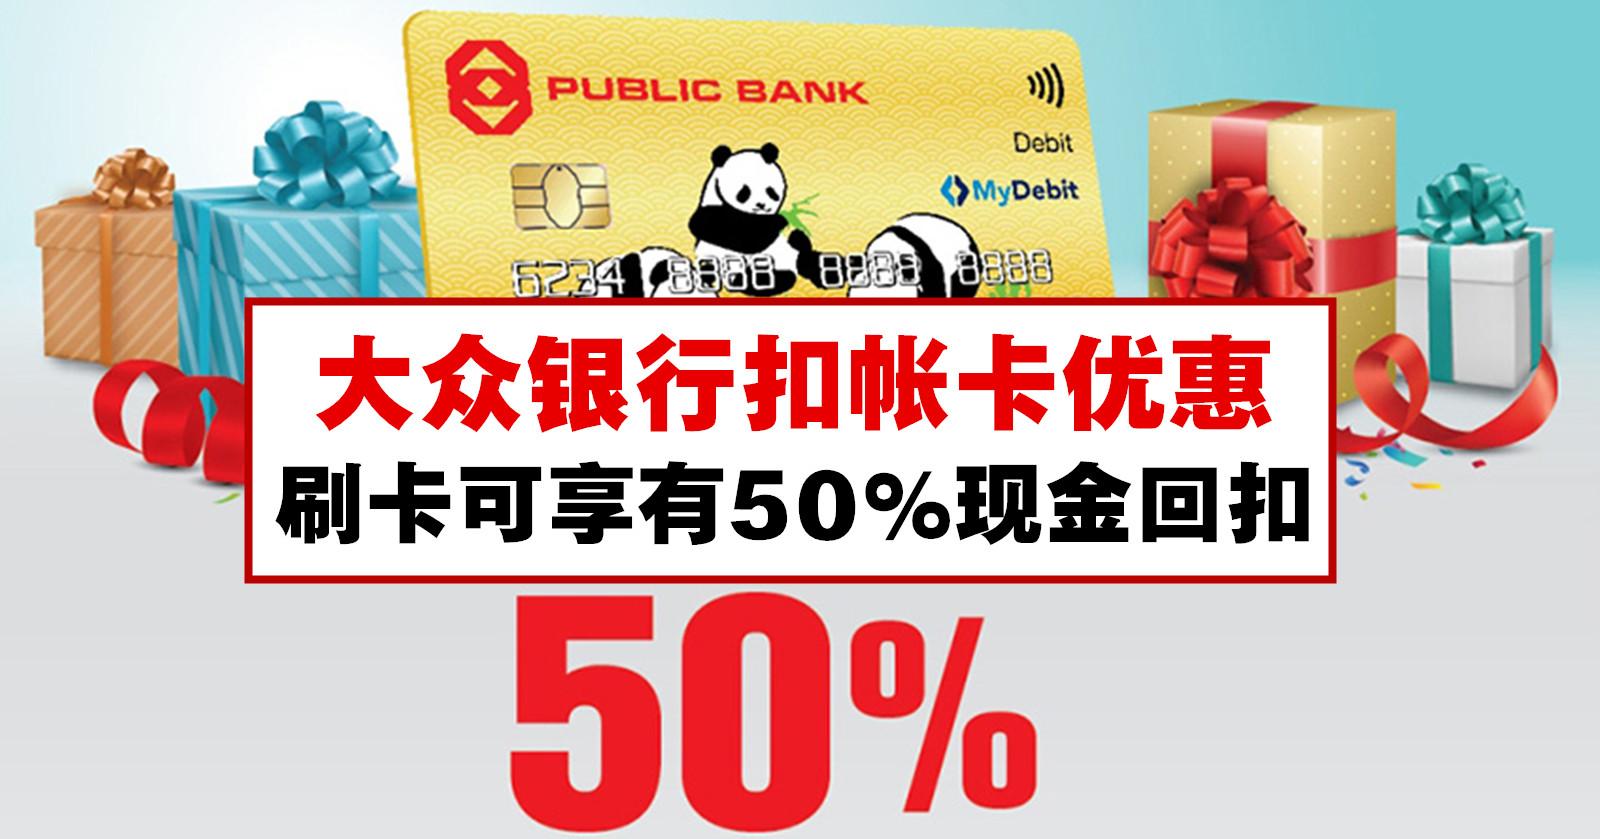 大众银行扣帐卡优惠,刷卡满RM50可享有50%现金回扣